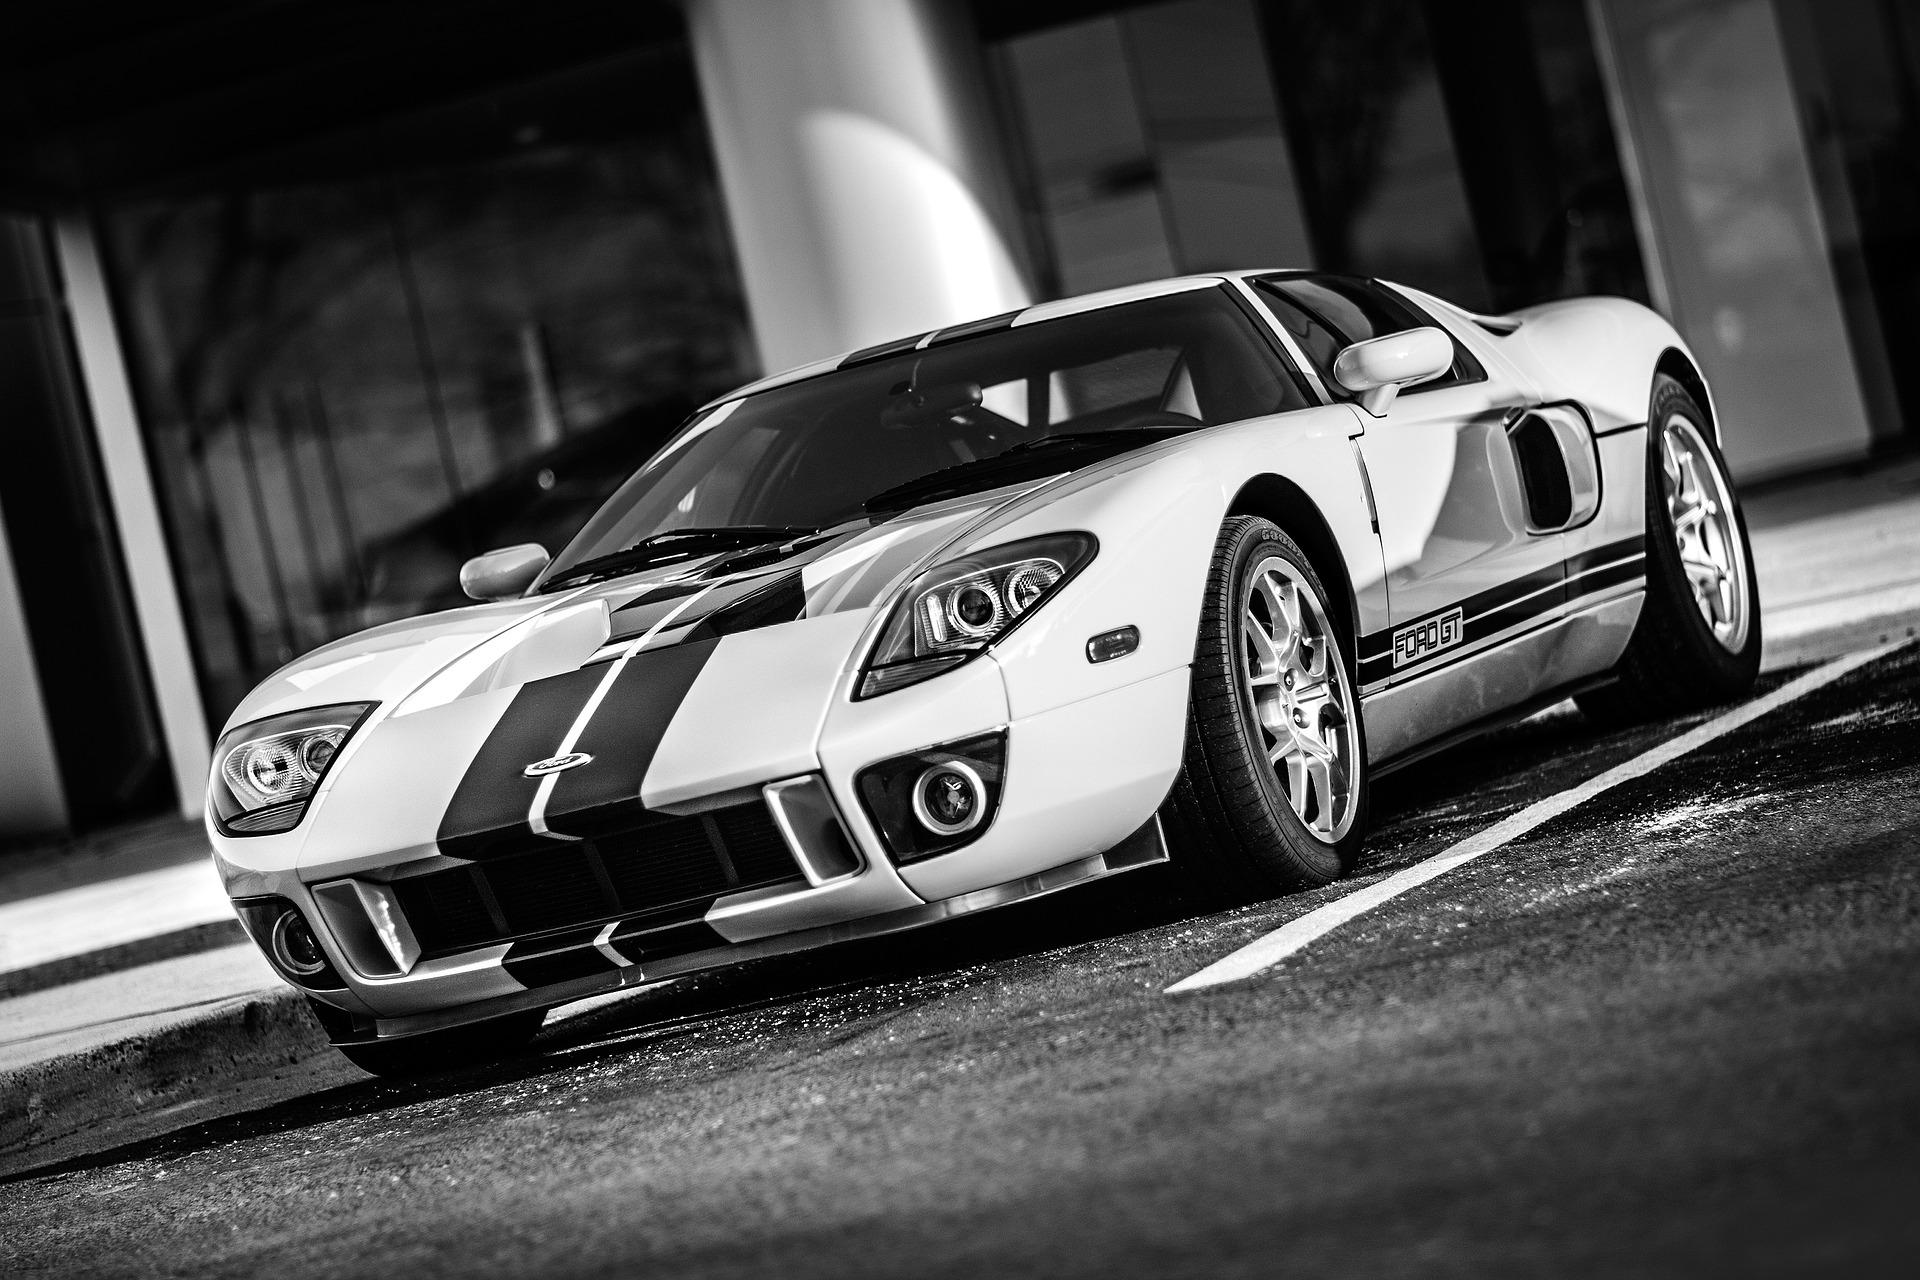 voiture, Ford, GT, Vitesse, automobile, en noir et blanc - Fonds d'écran HD - Professor-falken.com